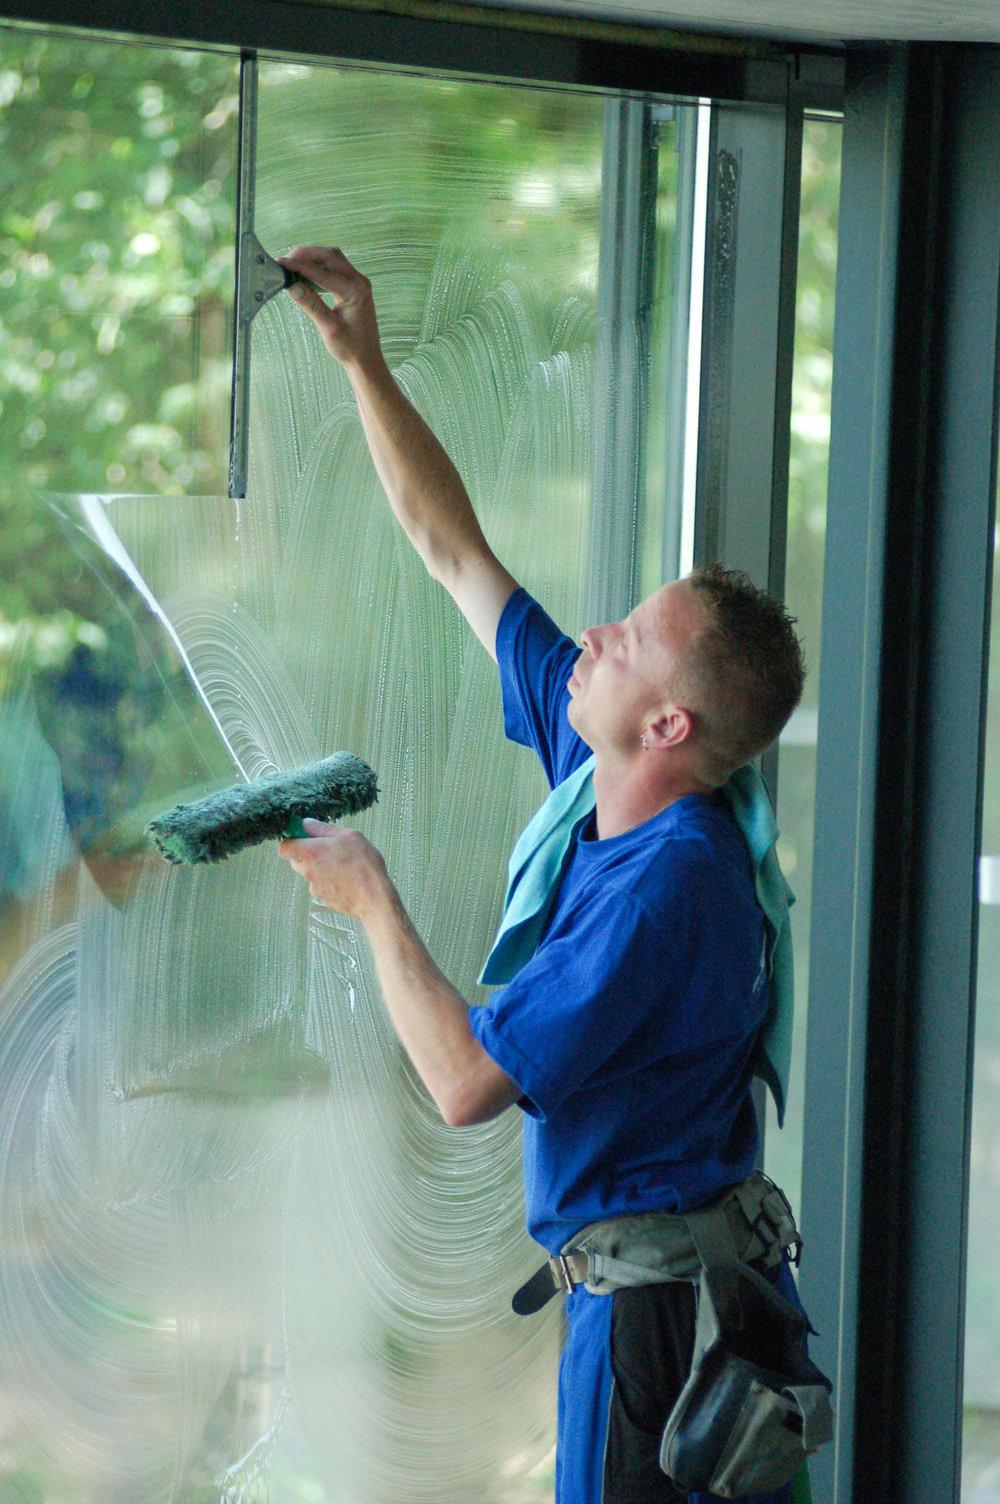 Aktuell - Wir suchen zeitnah Unterstützung in der Glasreinigung (m/w/d). Erforderlich sind:• Führerschein Klasse B• Erfahrung in der Glasreinigung (hauptsächlich gewerblich aber auch privat)• sicherer und problemloser Umgang mit Leiterarbeiten bis zu max. 7m Arbeitshöhe• Erfahrung im Umgang mit dem Reinwasserverfahren (Stangenteleskopsystem)• Kundenfreundliches Auftreten• FlexibilitätKontakt unter:info@wilmsberg-campus.de02552 / 702 327